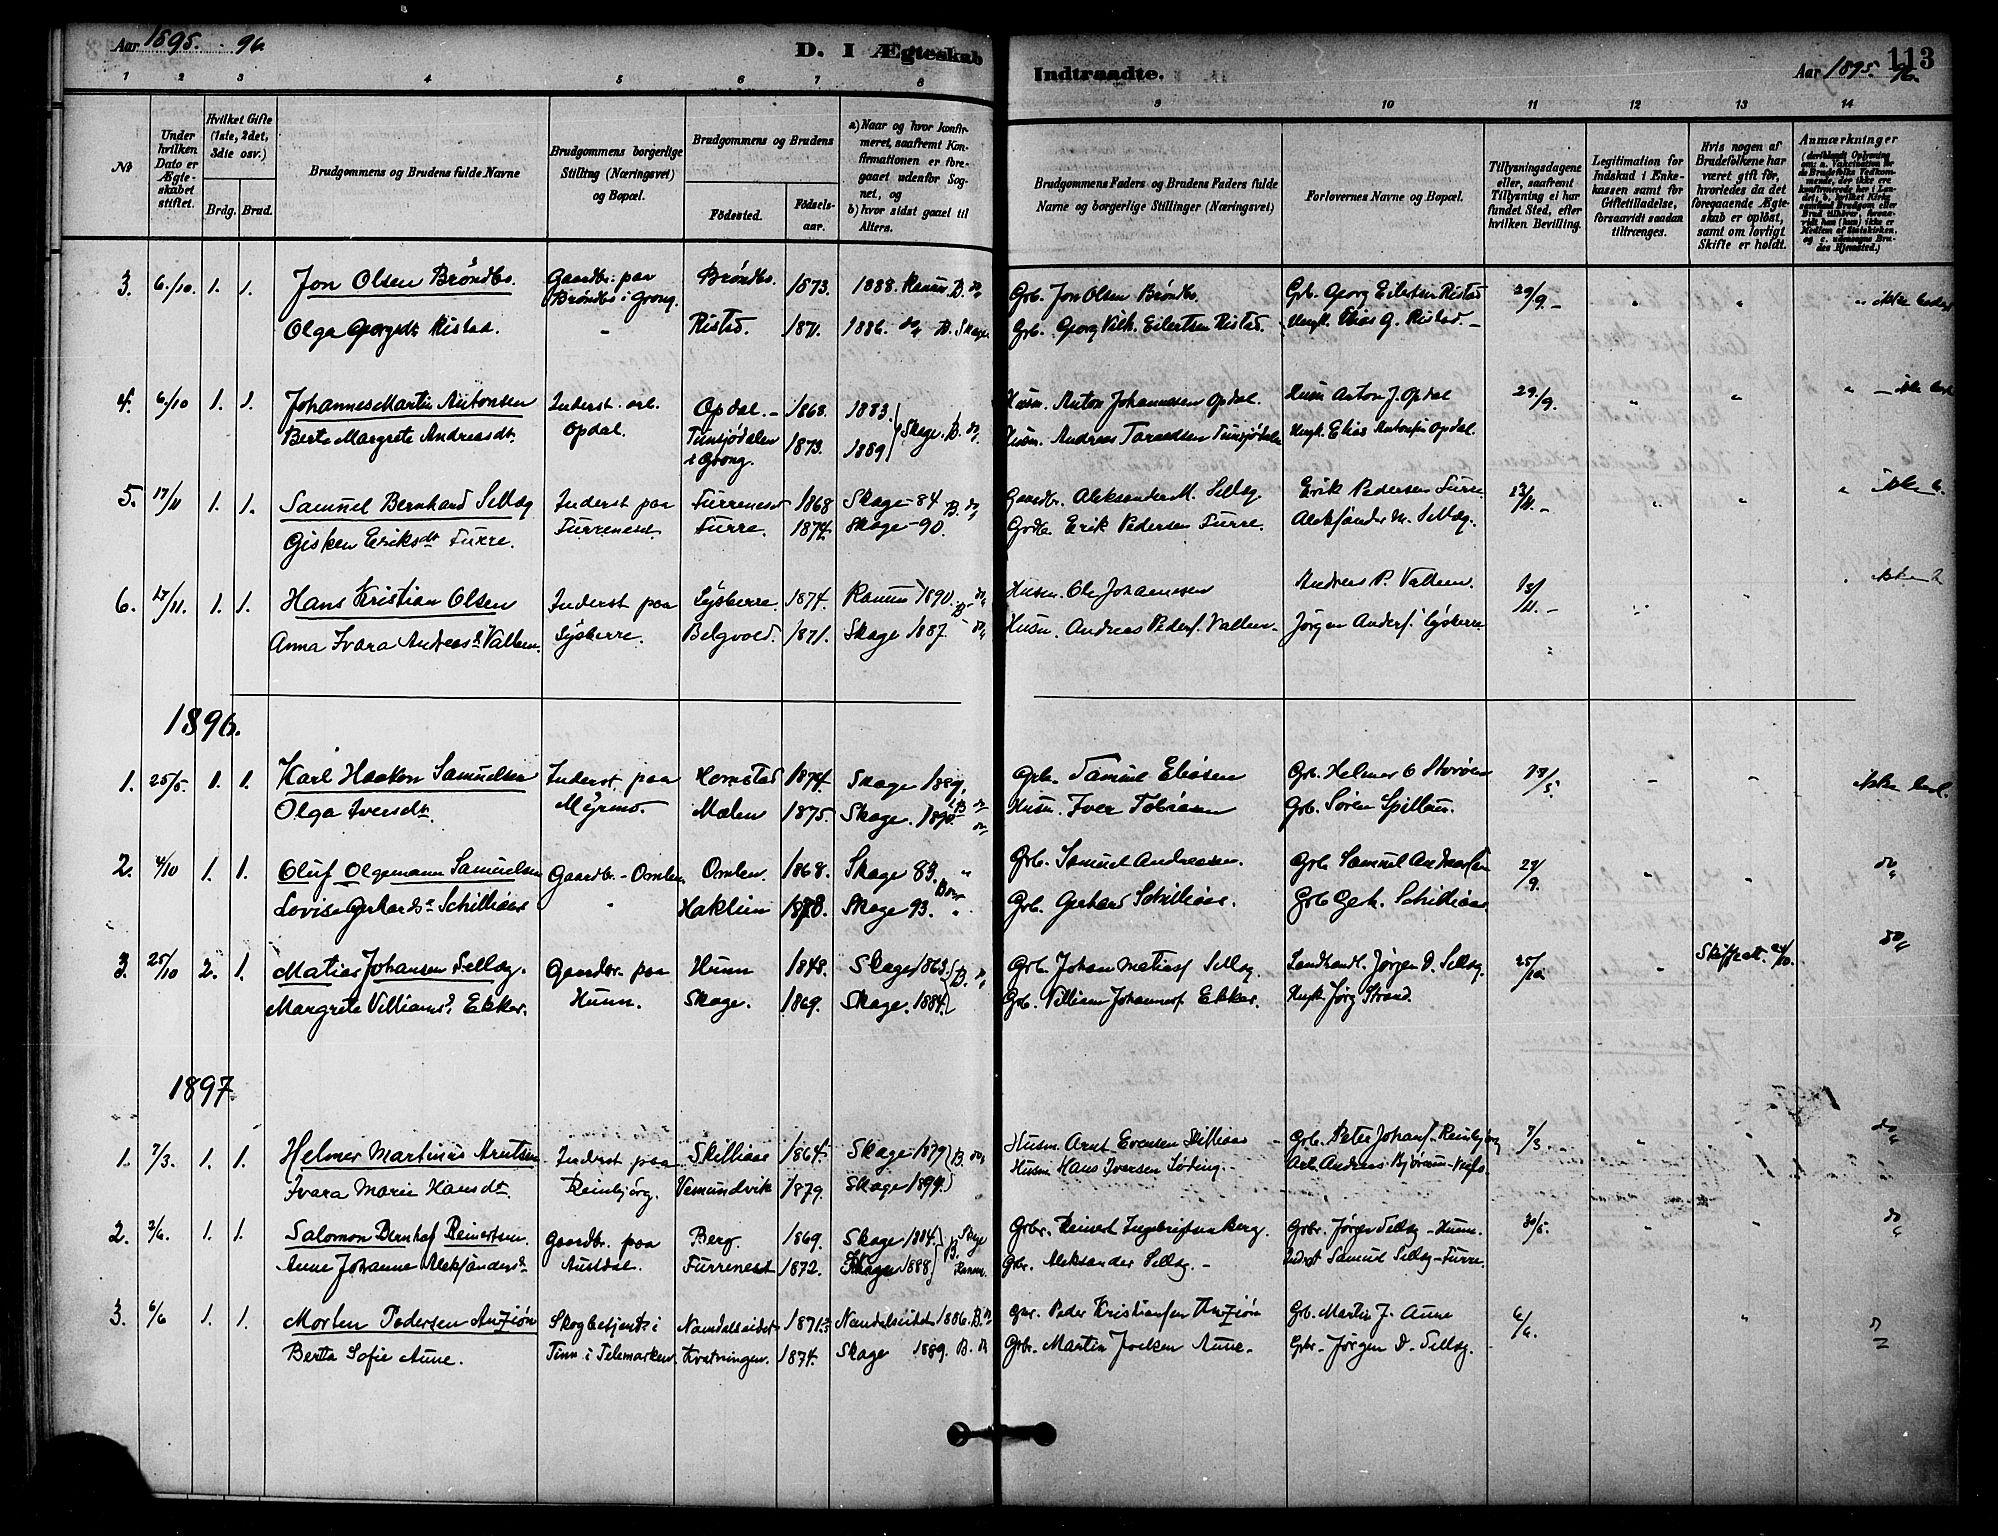 SAT, Ministerialprotokoller, klokkerbøker og fødselsregistre - Nord-Trøndelag, 766/L0563: Ministerialbok nr. 767A01, 1881-1899, s. 113